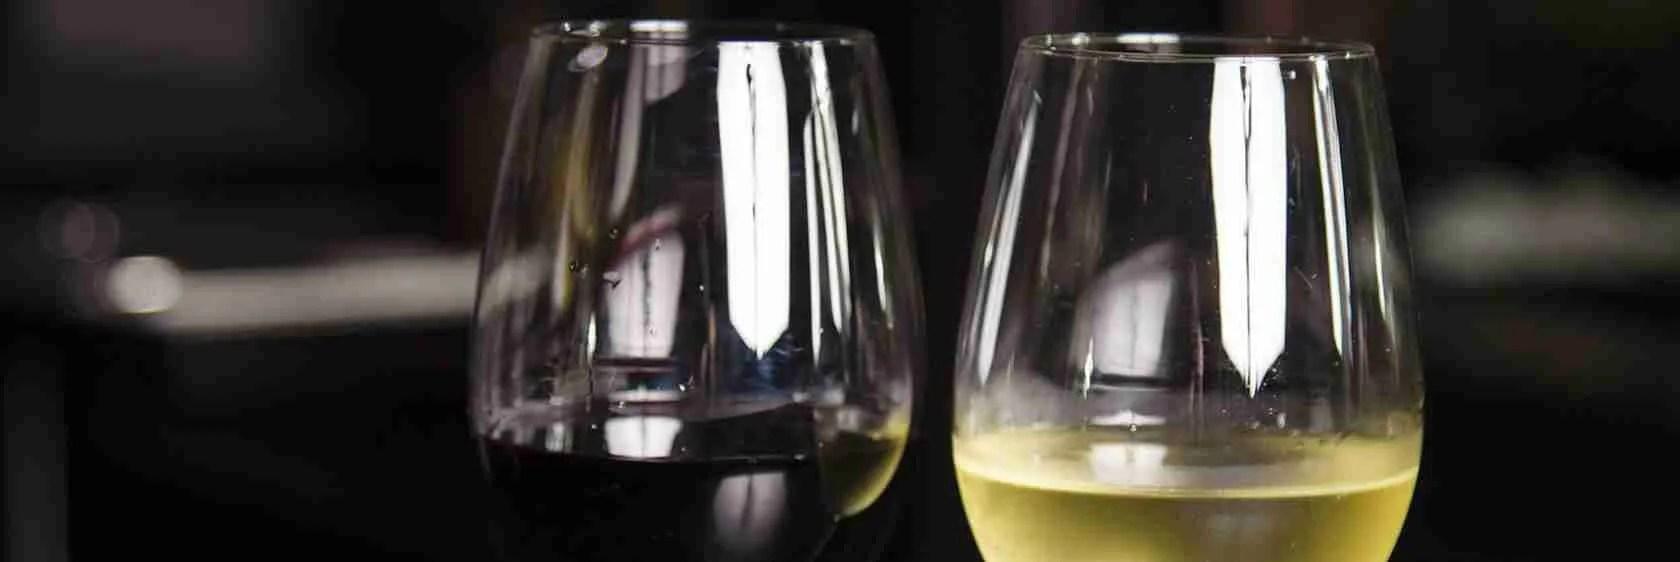 L'aperitivo delle escort Udine è il tajùt, un calice di vino rosso o bianco della zona friulana. Magica Escort